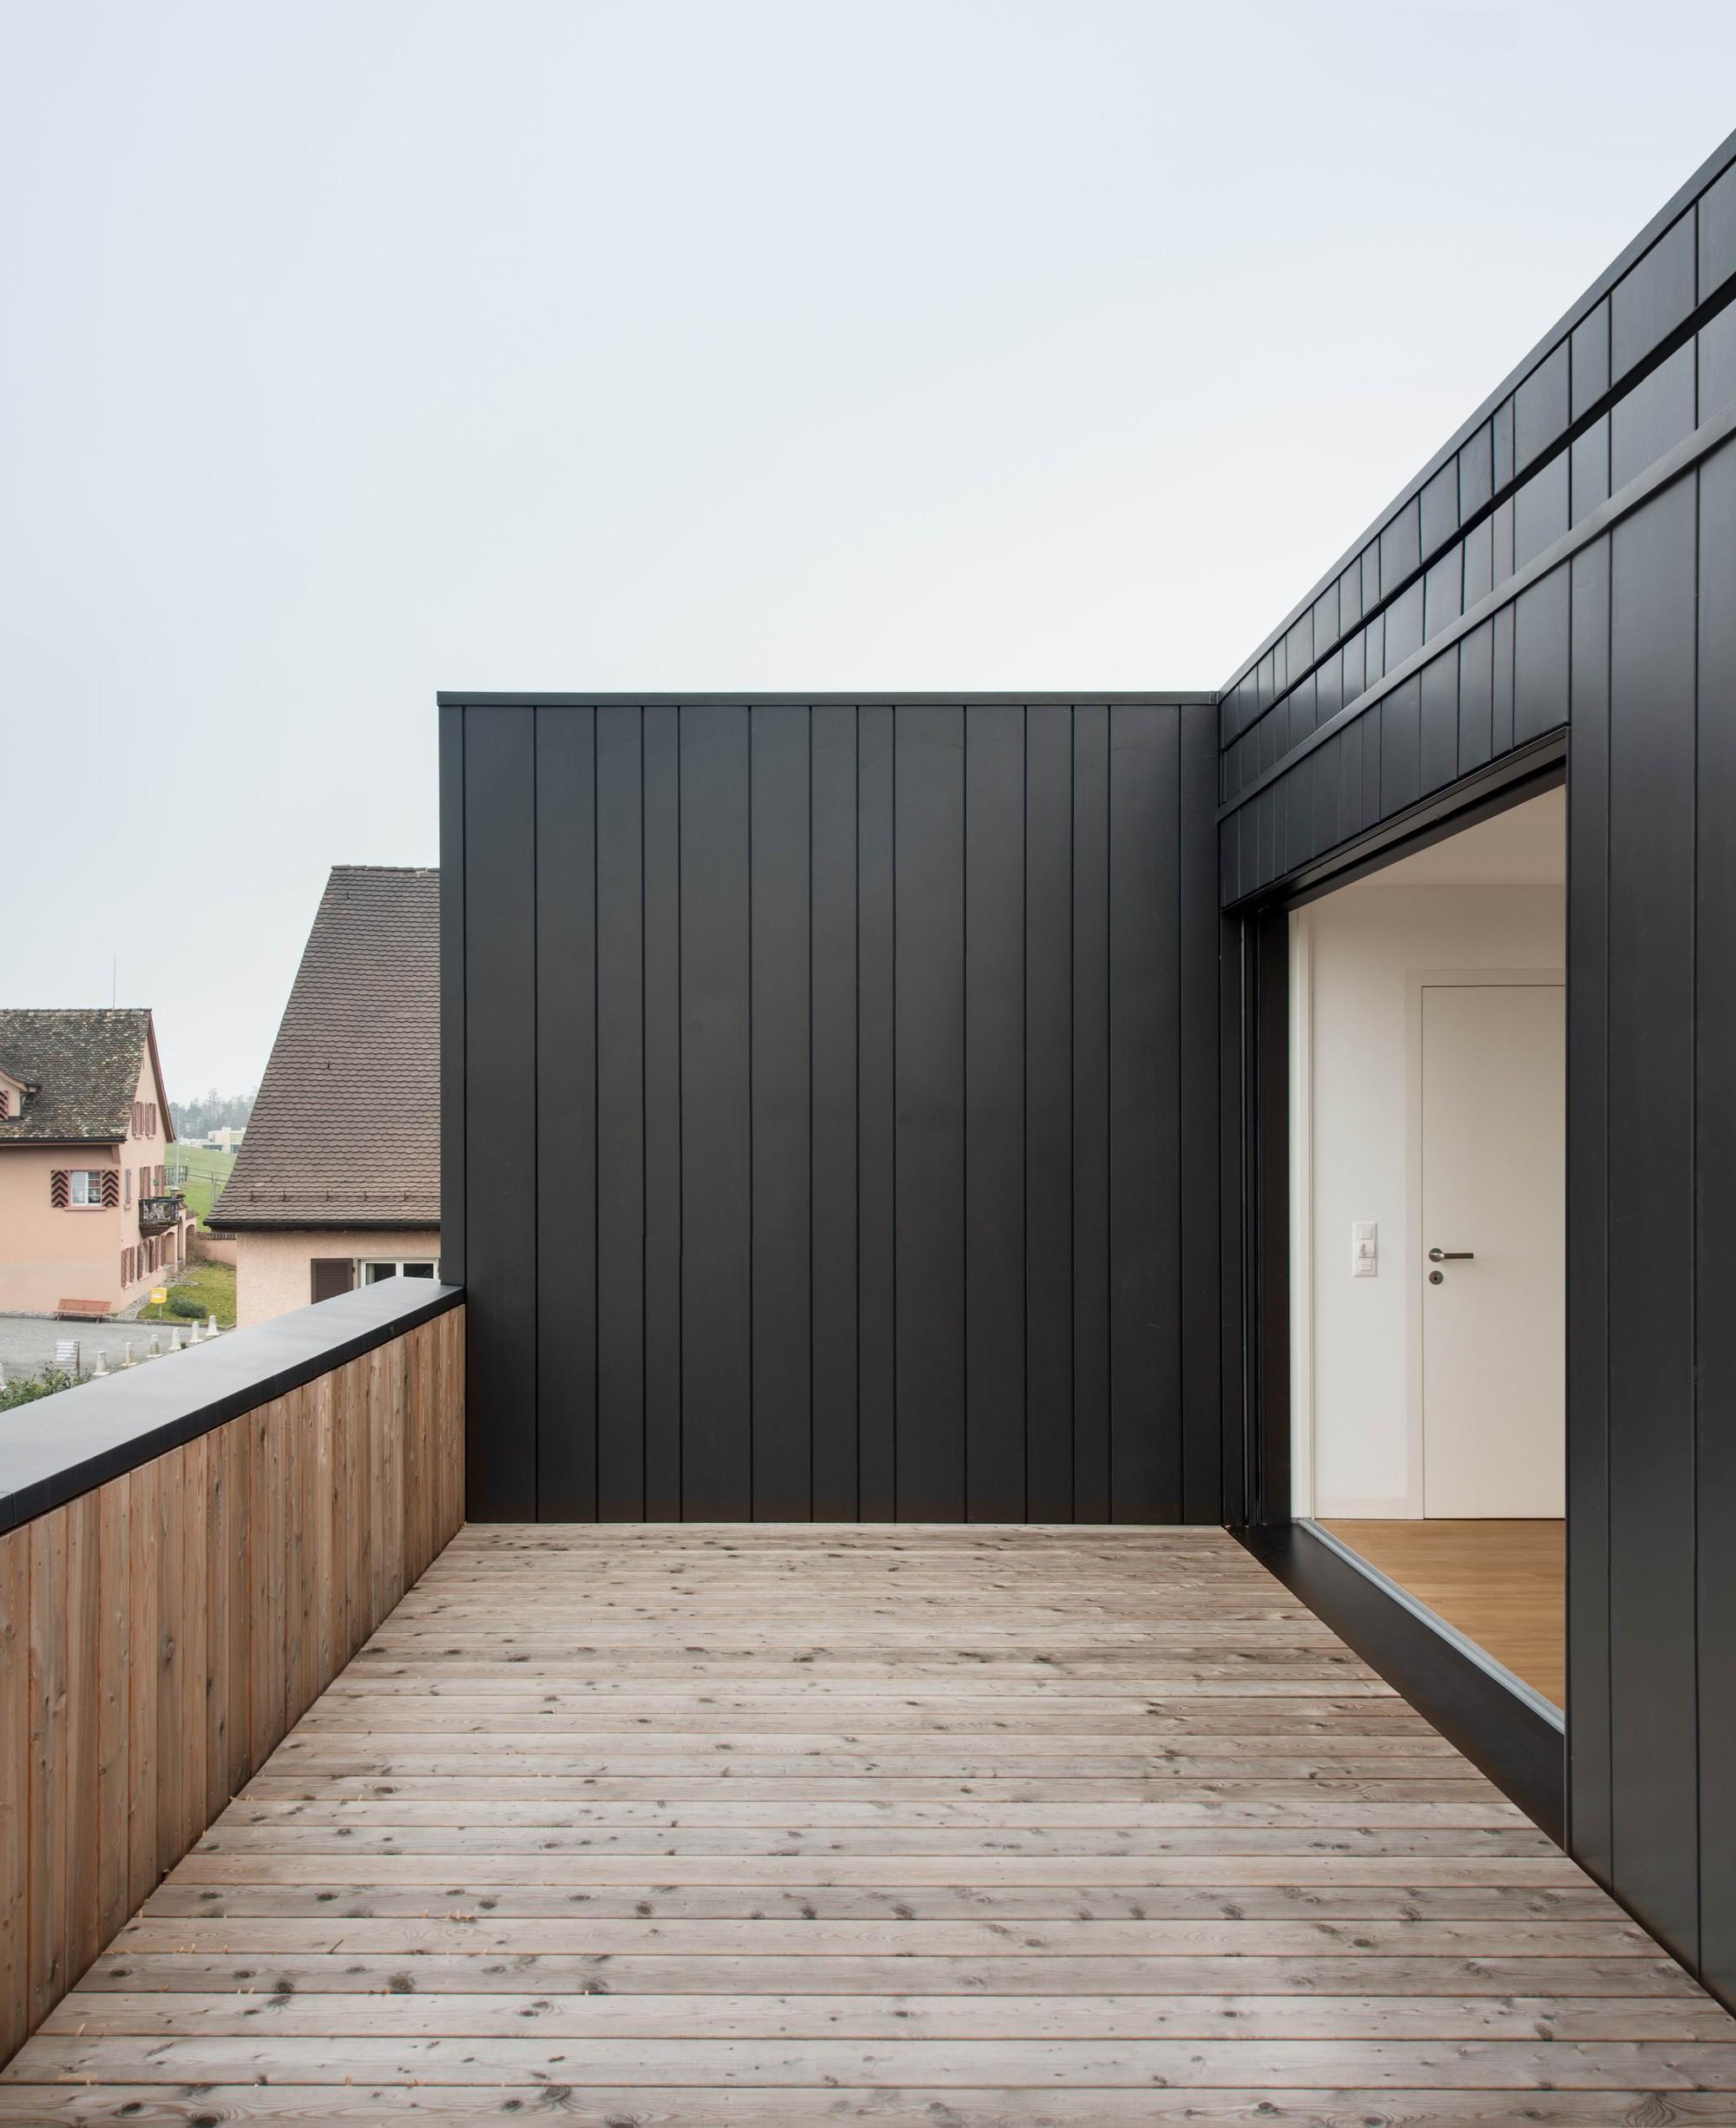 R House / Frei + Saarinen